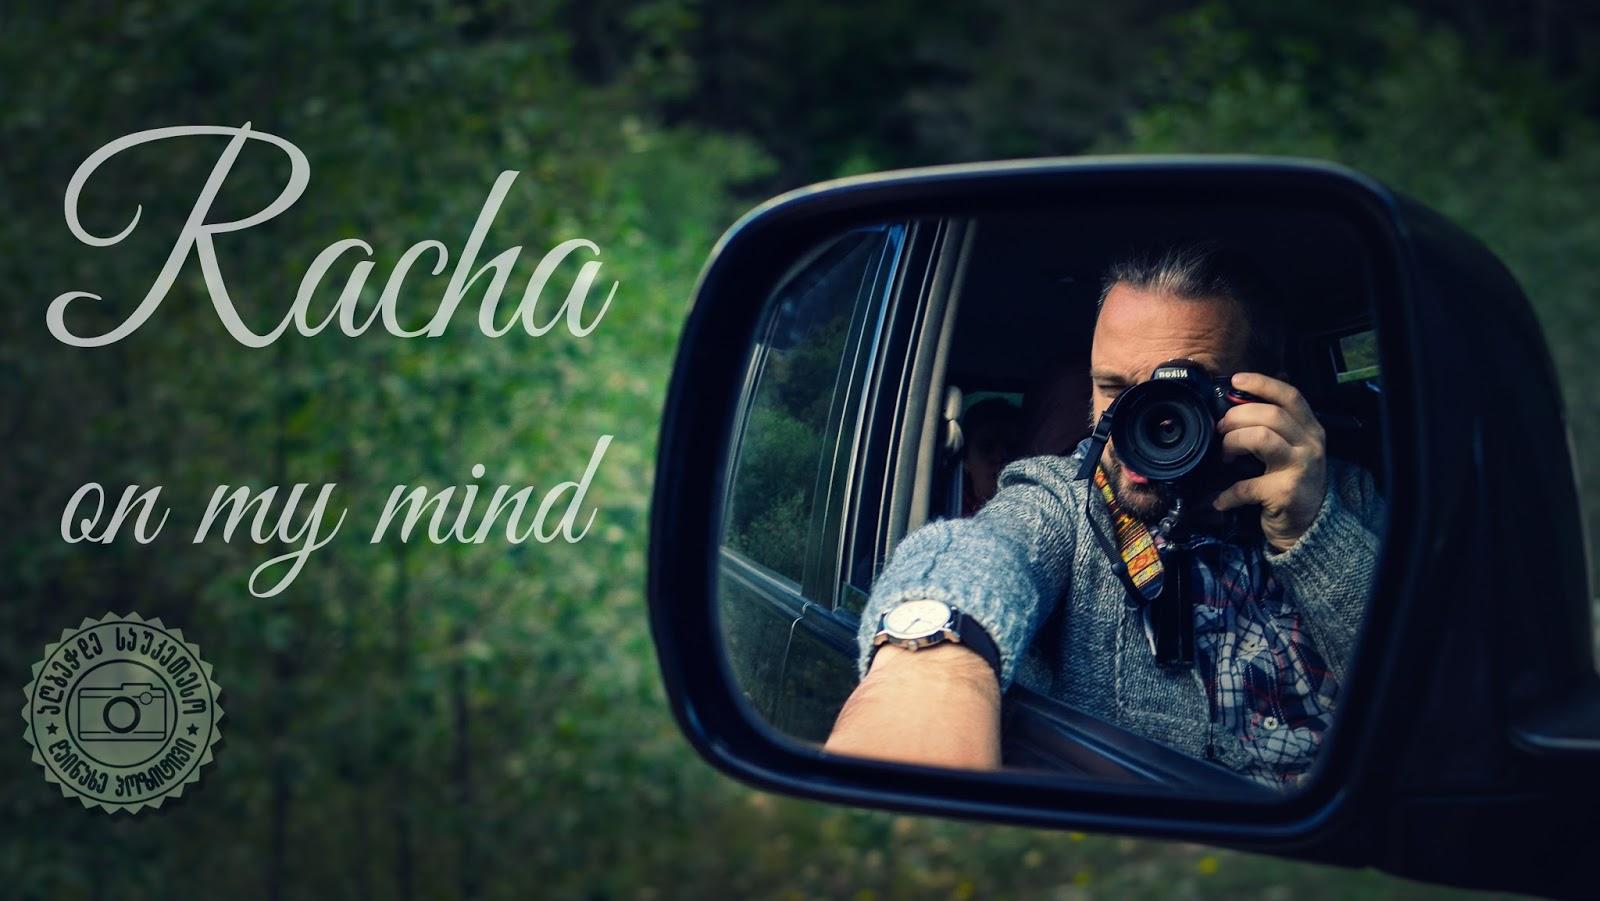 Racha on my mind